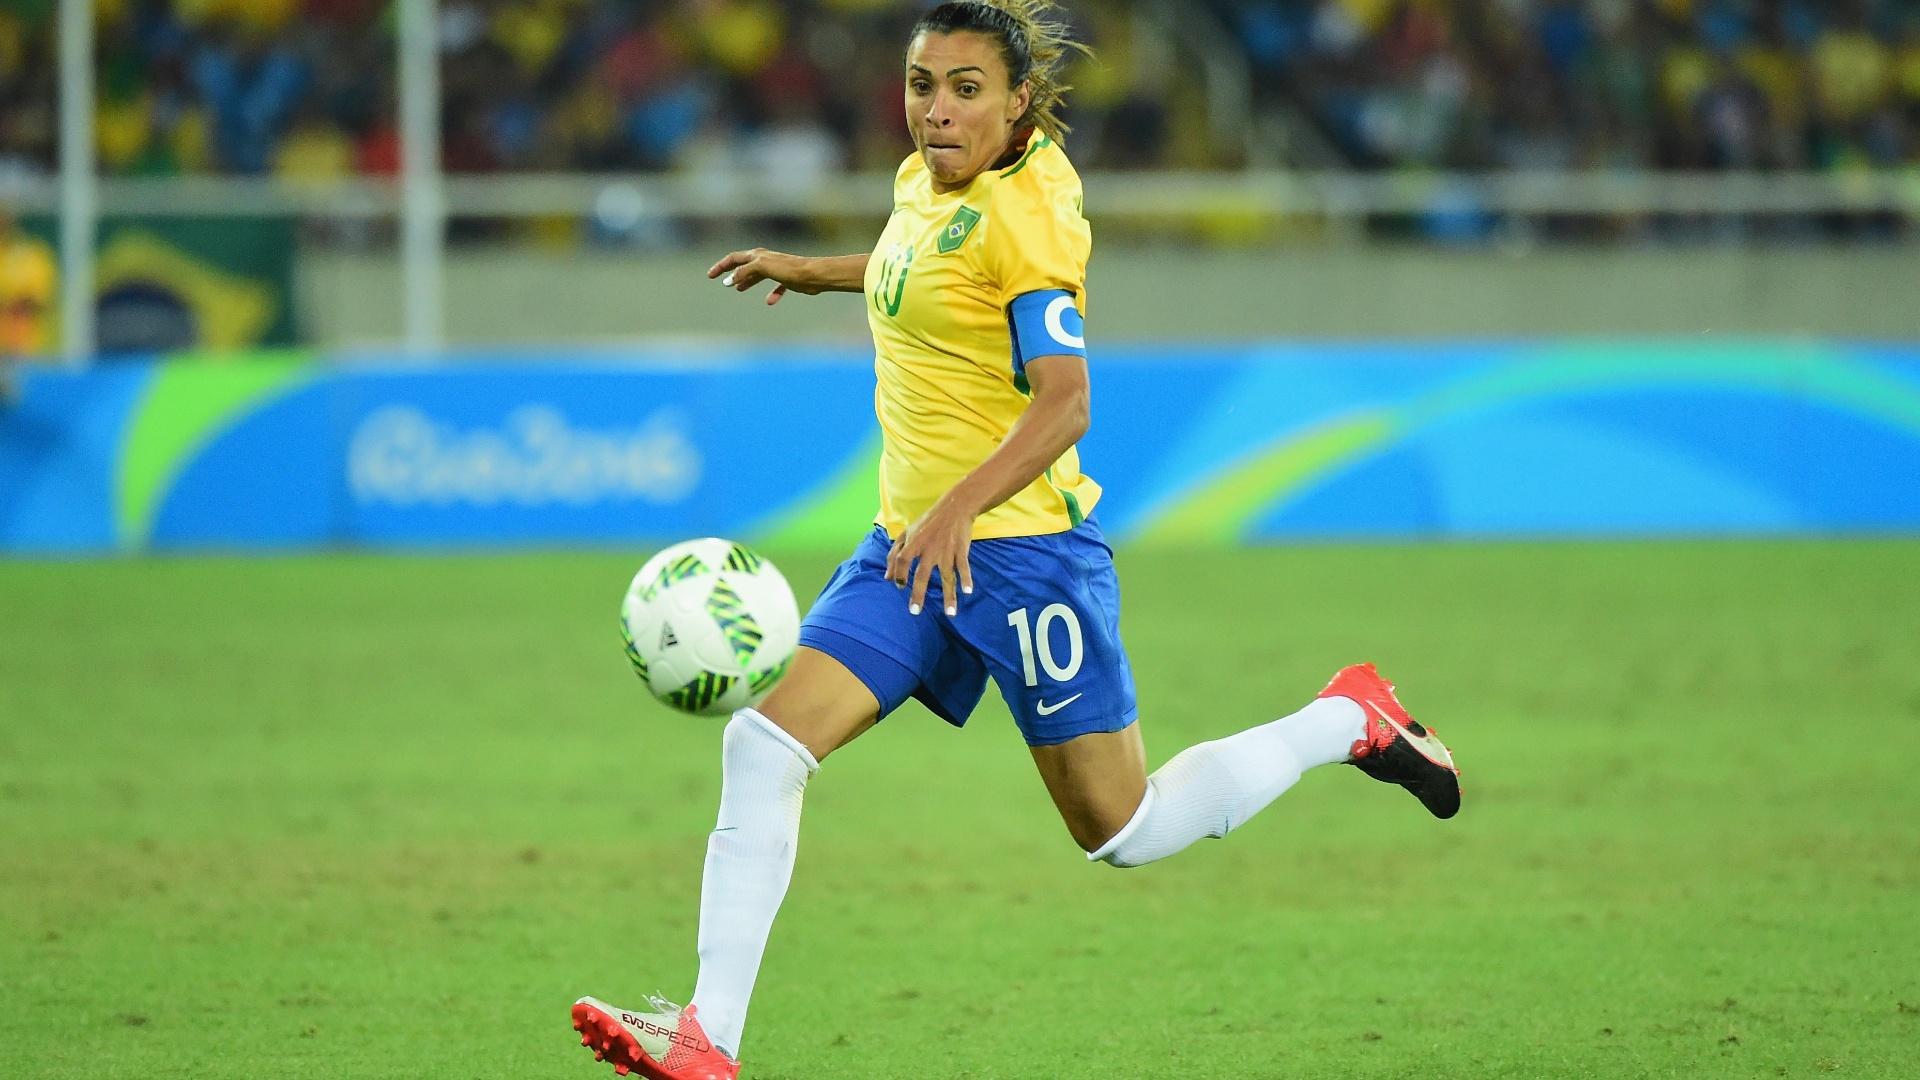 Capitã da equipe brasileira, Marta, na partida contra a Suécia